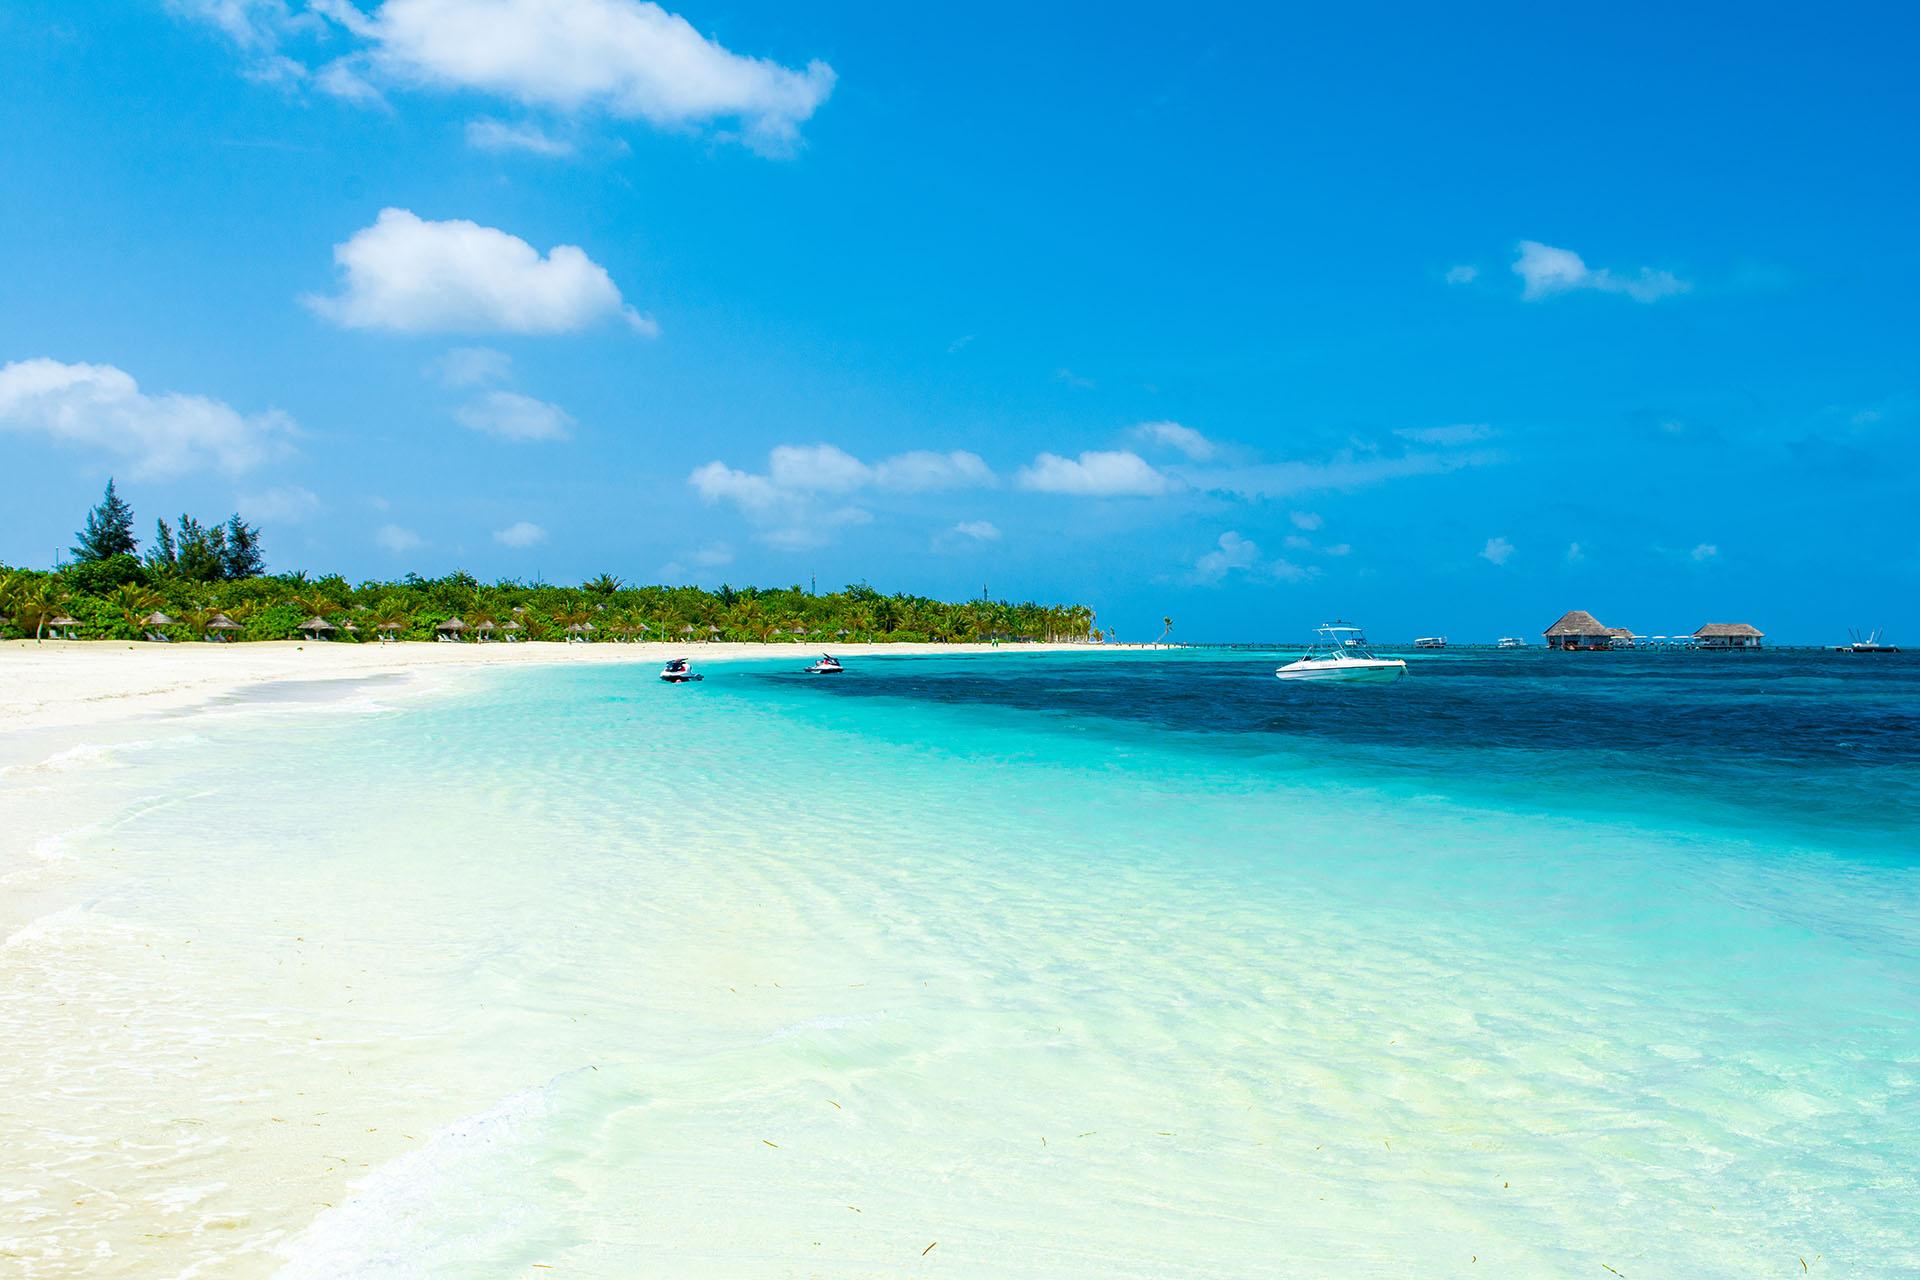 Este complejo se encuentra en tres islas privadas, dos islas vecinas desiertas y la propia Kanuhura, y todas cuentan con playas vírgenes